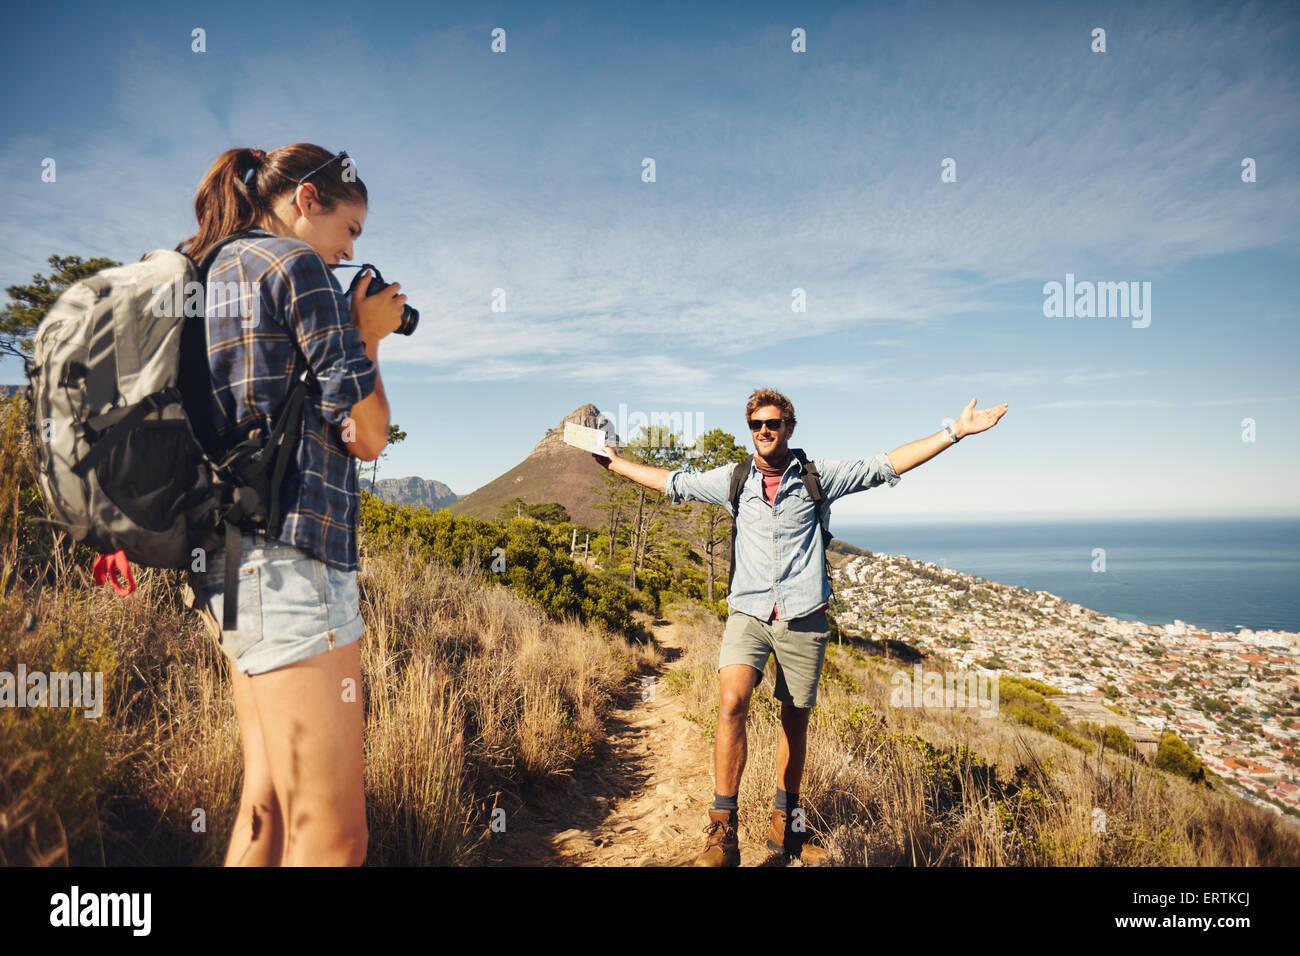 Piscine shot of young woman photographing son petit ami en campagne tout en randonnée. Couple randonneur en Photo Stock